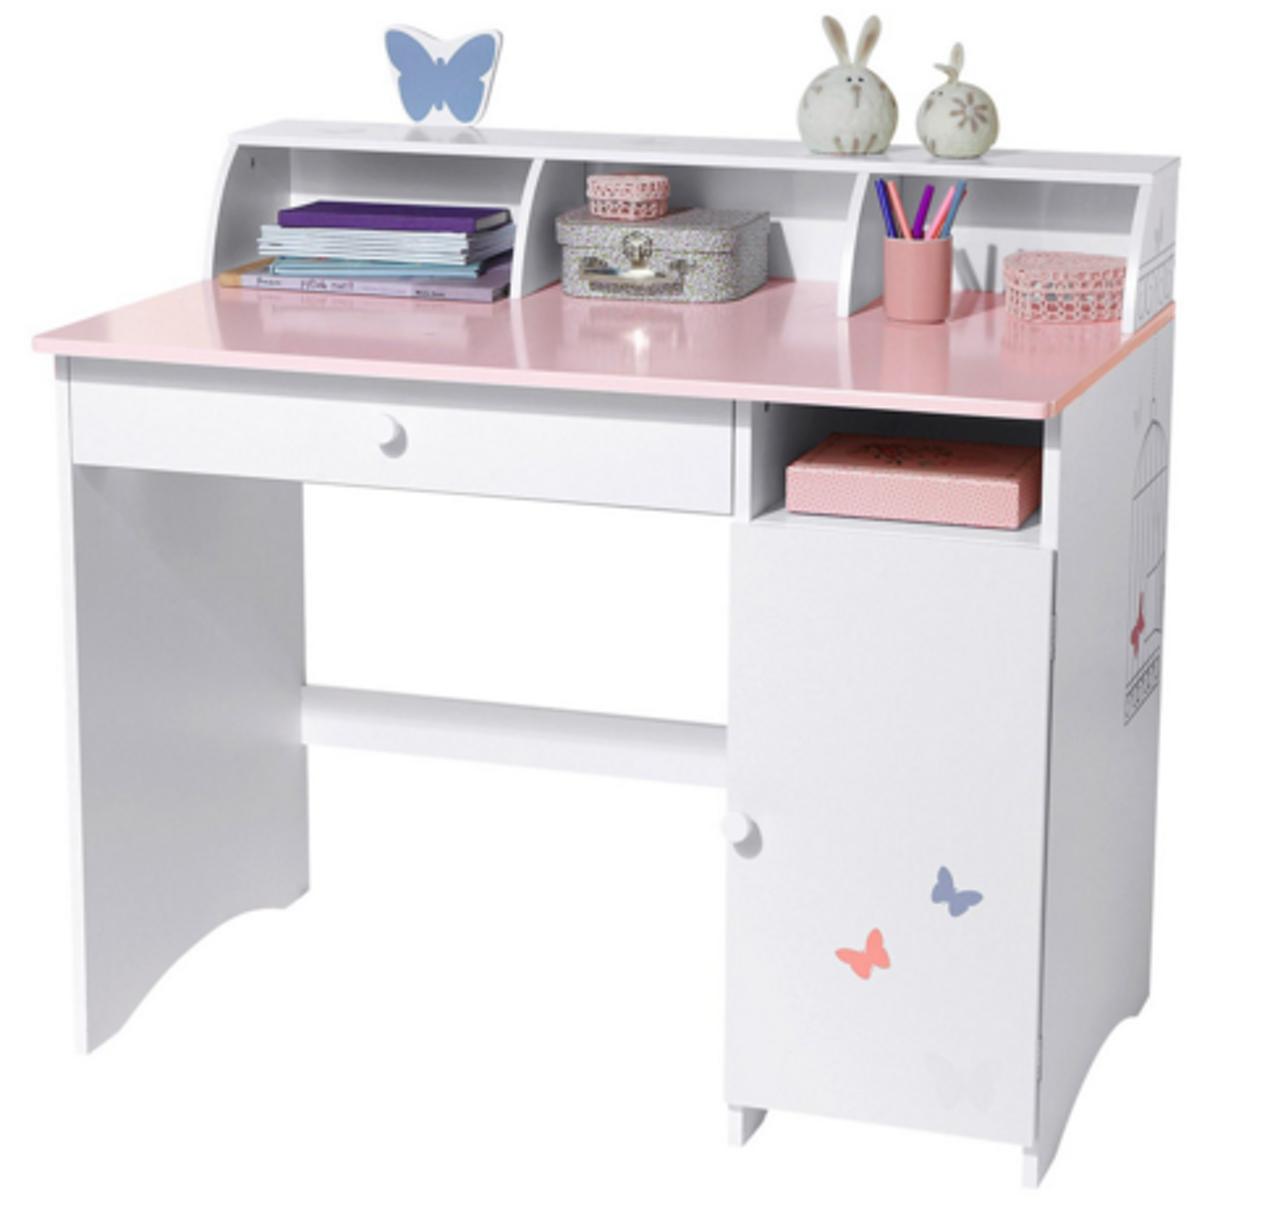 Schreibtisch Kinderzimmer Kinder Weiss Kind Tabelle Gestaltung Farbe Passen  Ltere Sch Frau Mit Wei Fer Hauch - Frau Am Schreibtisch PNG